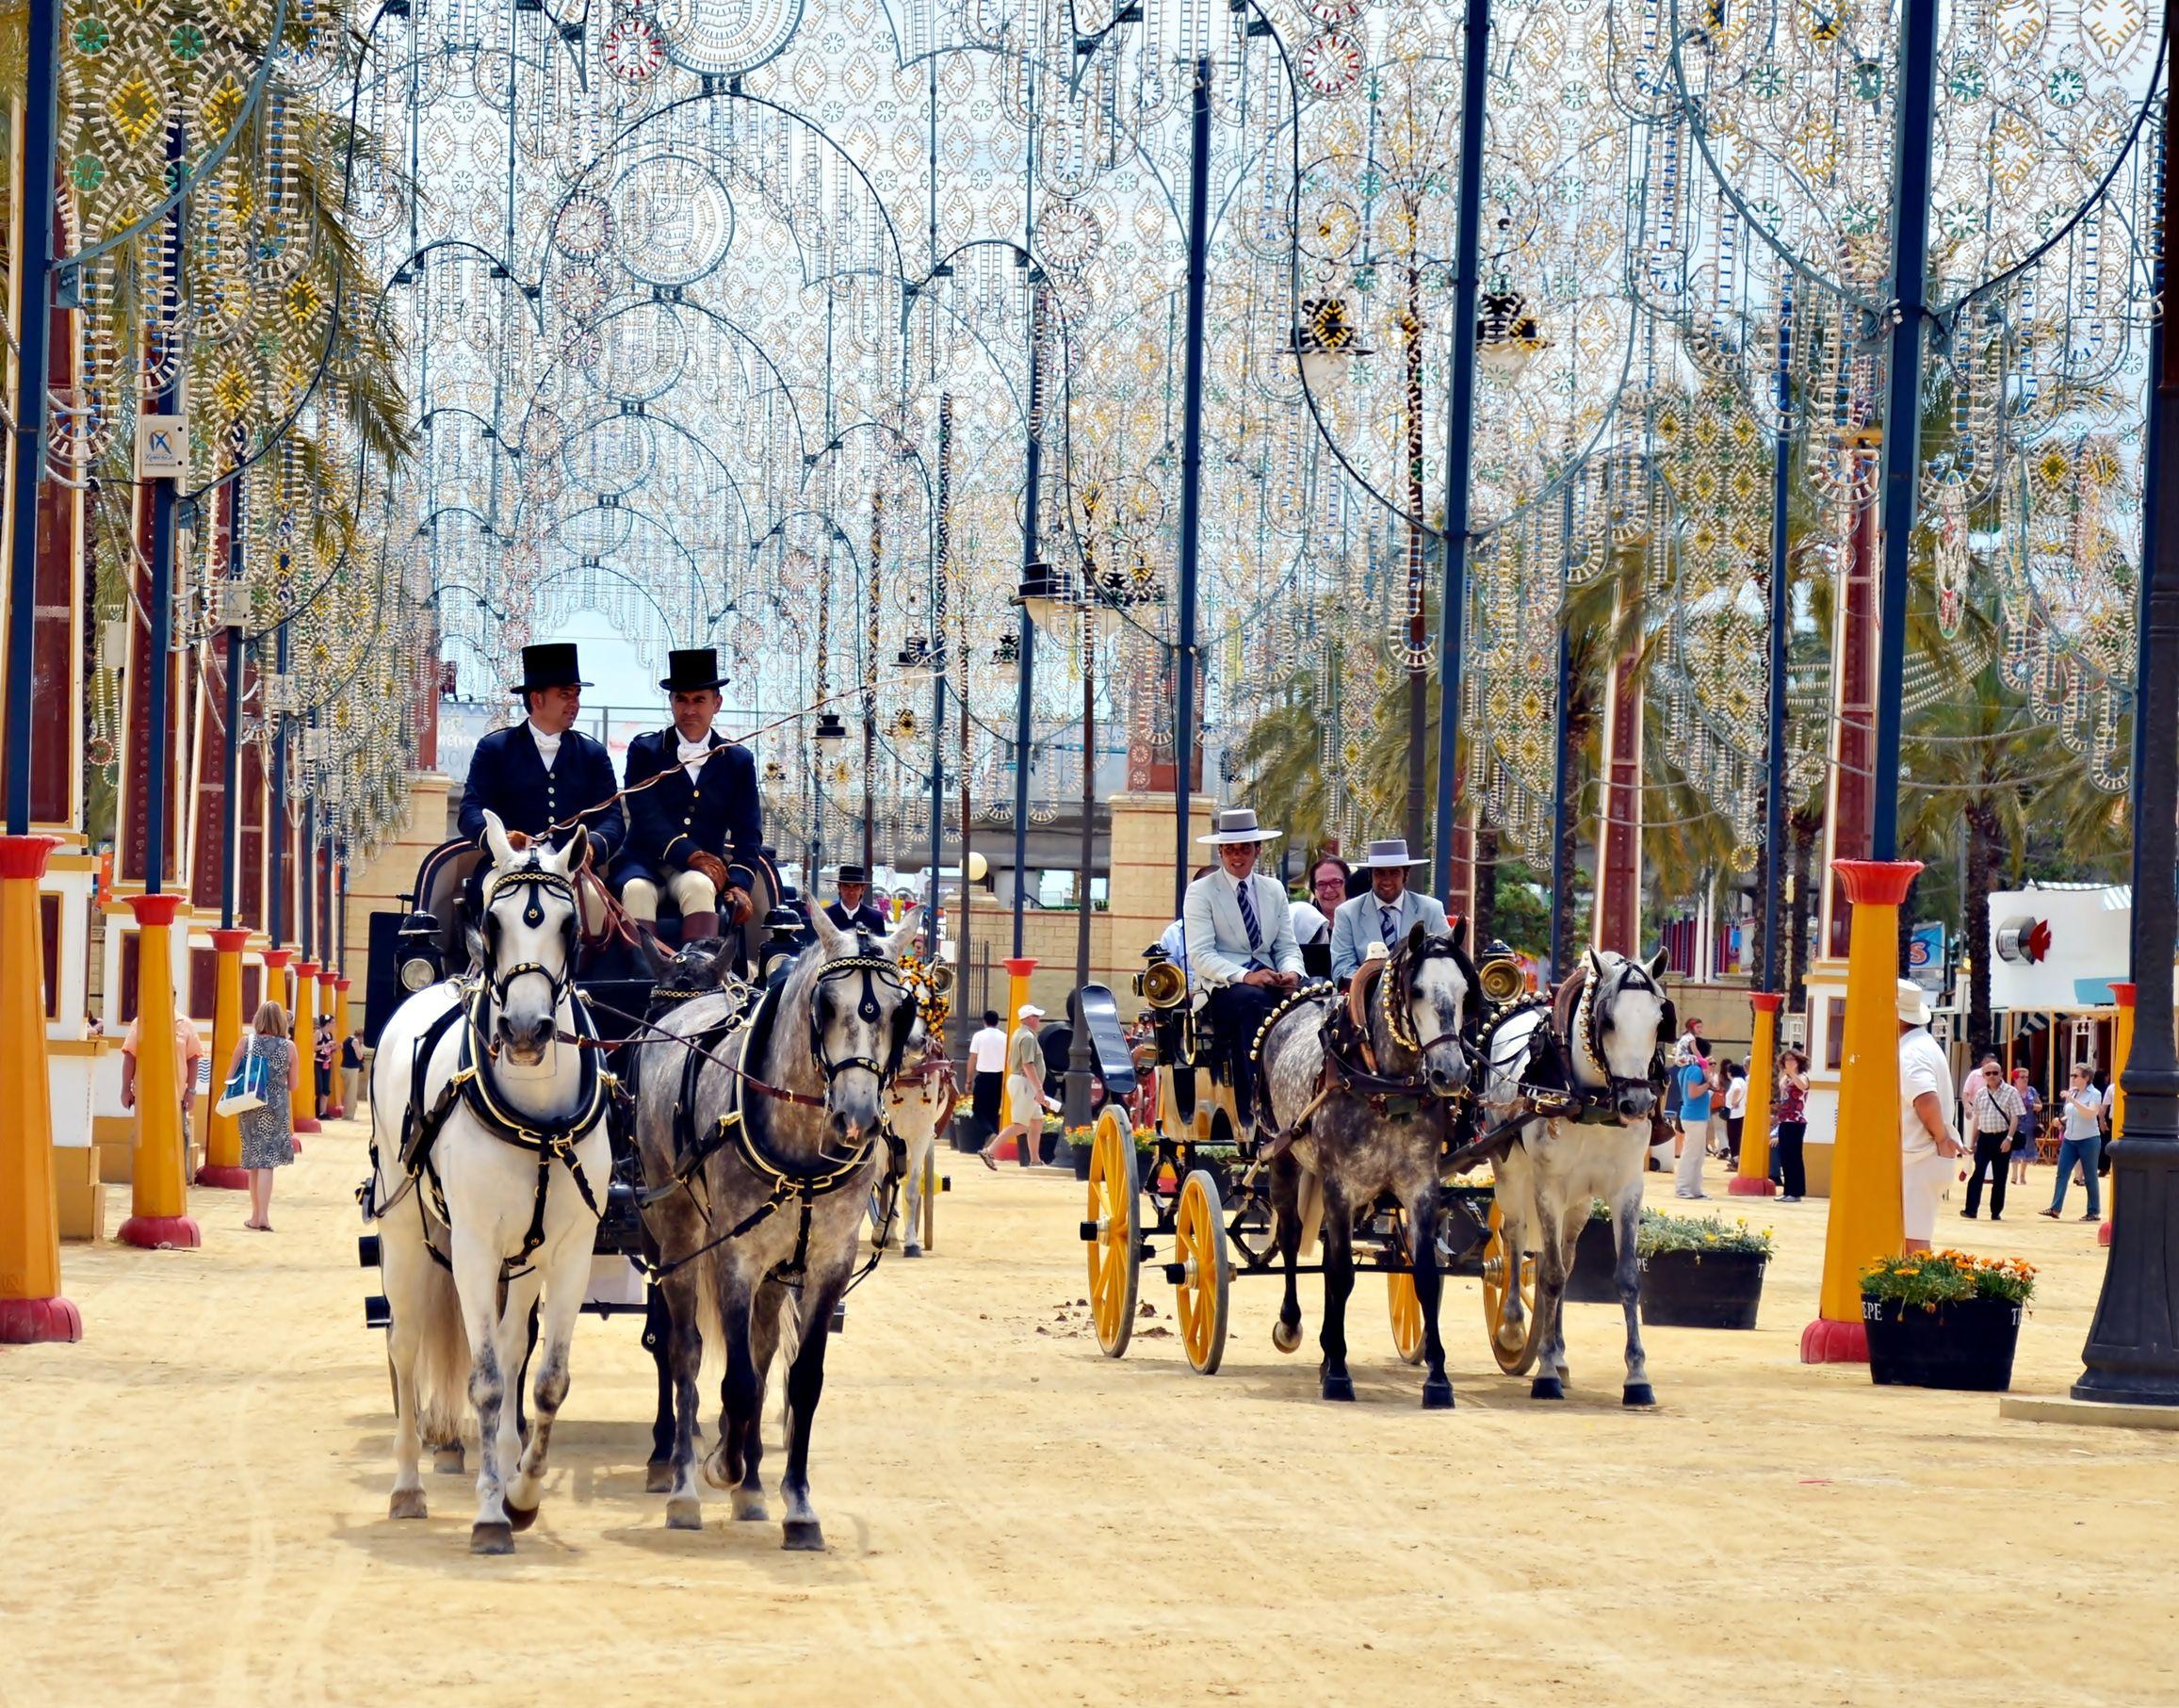 Feria-del-Caballo-Horse-Fair-–-Jerez-de-la-Frontera-Spain-